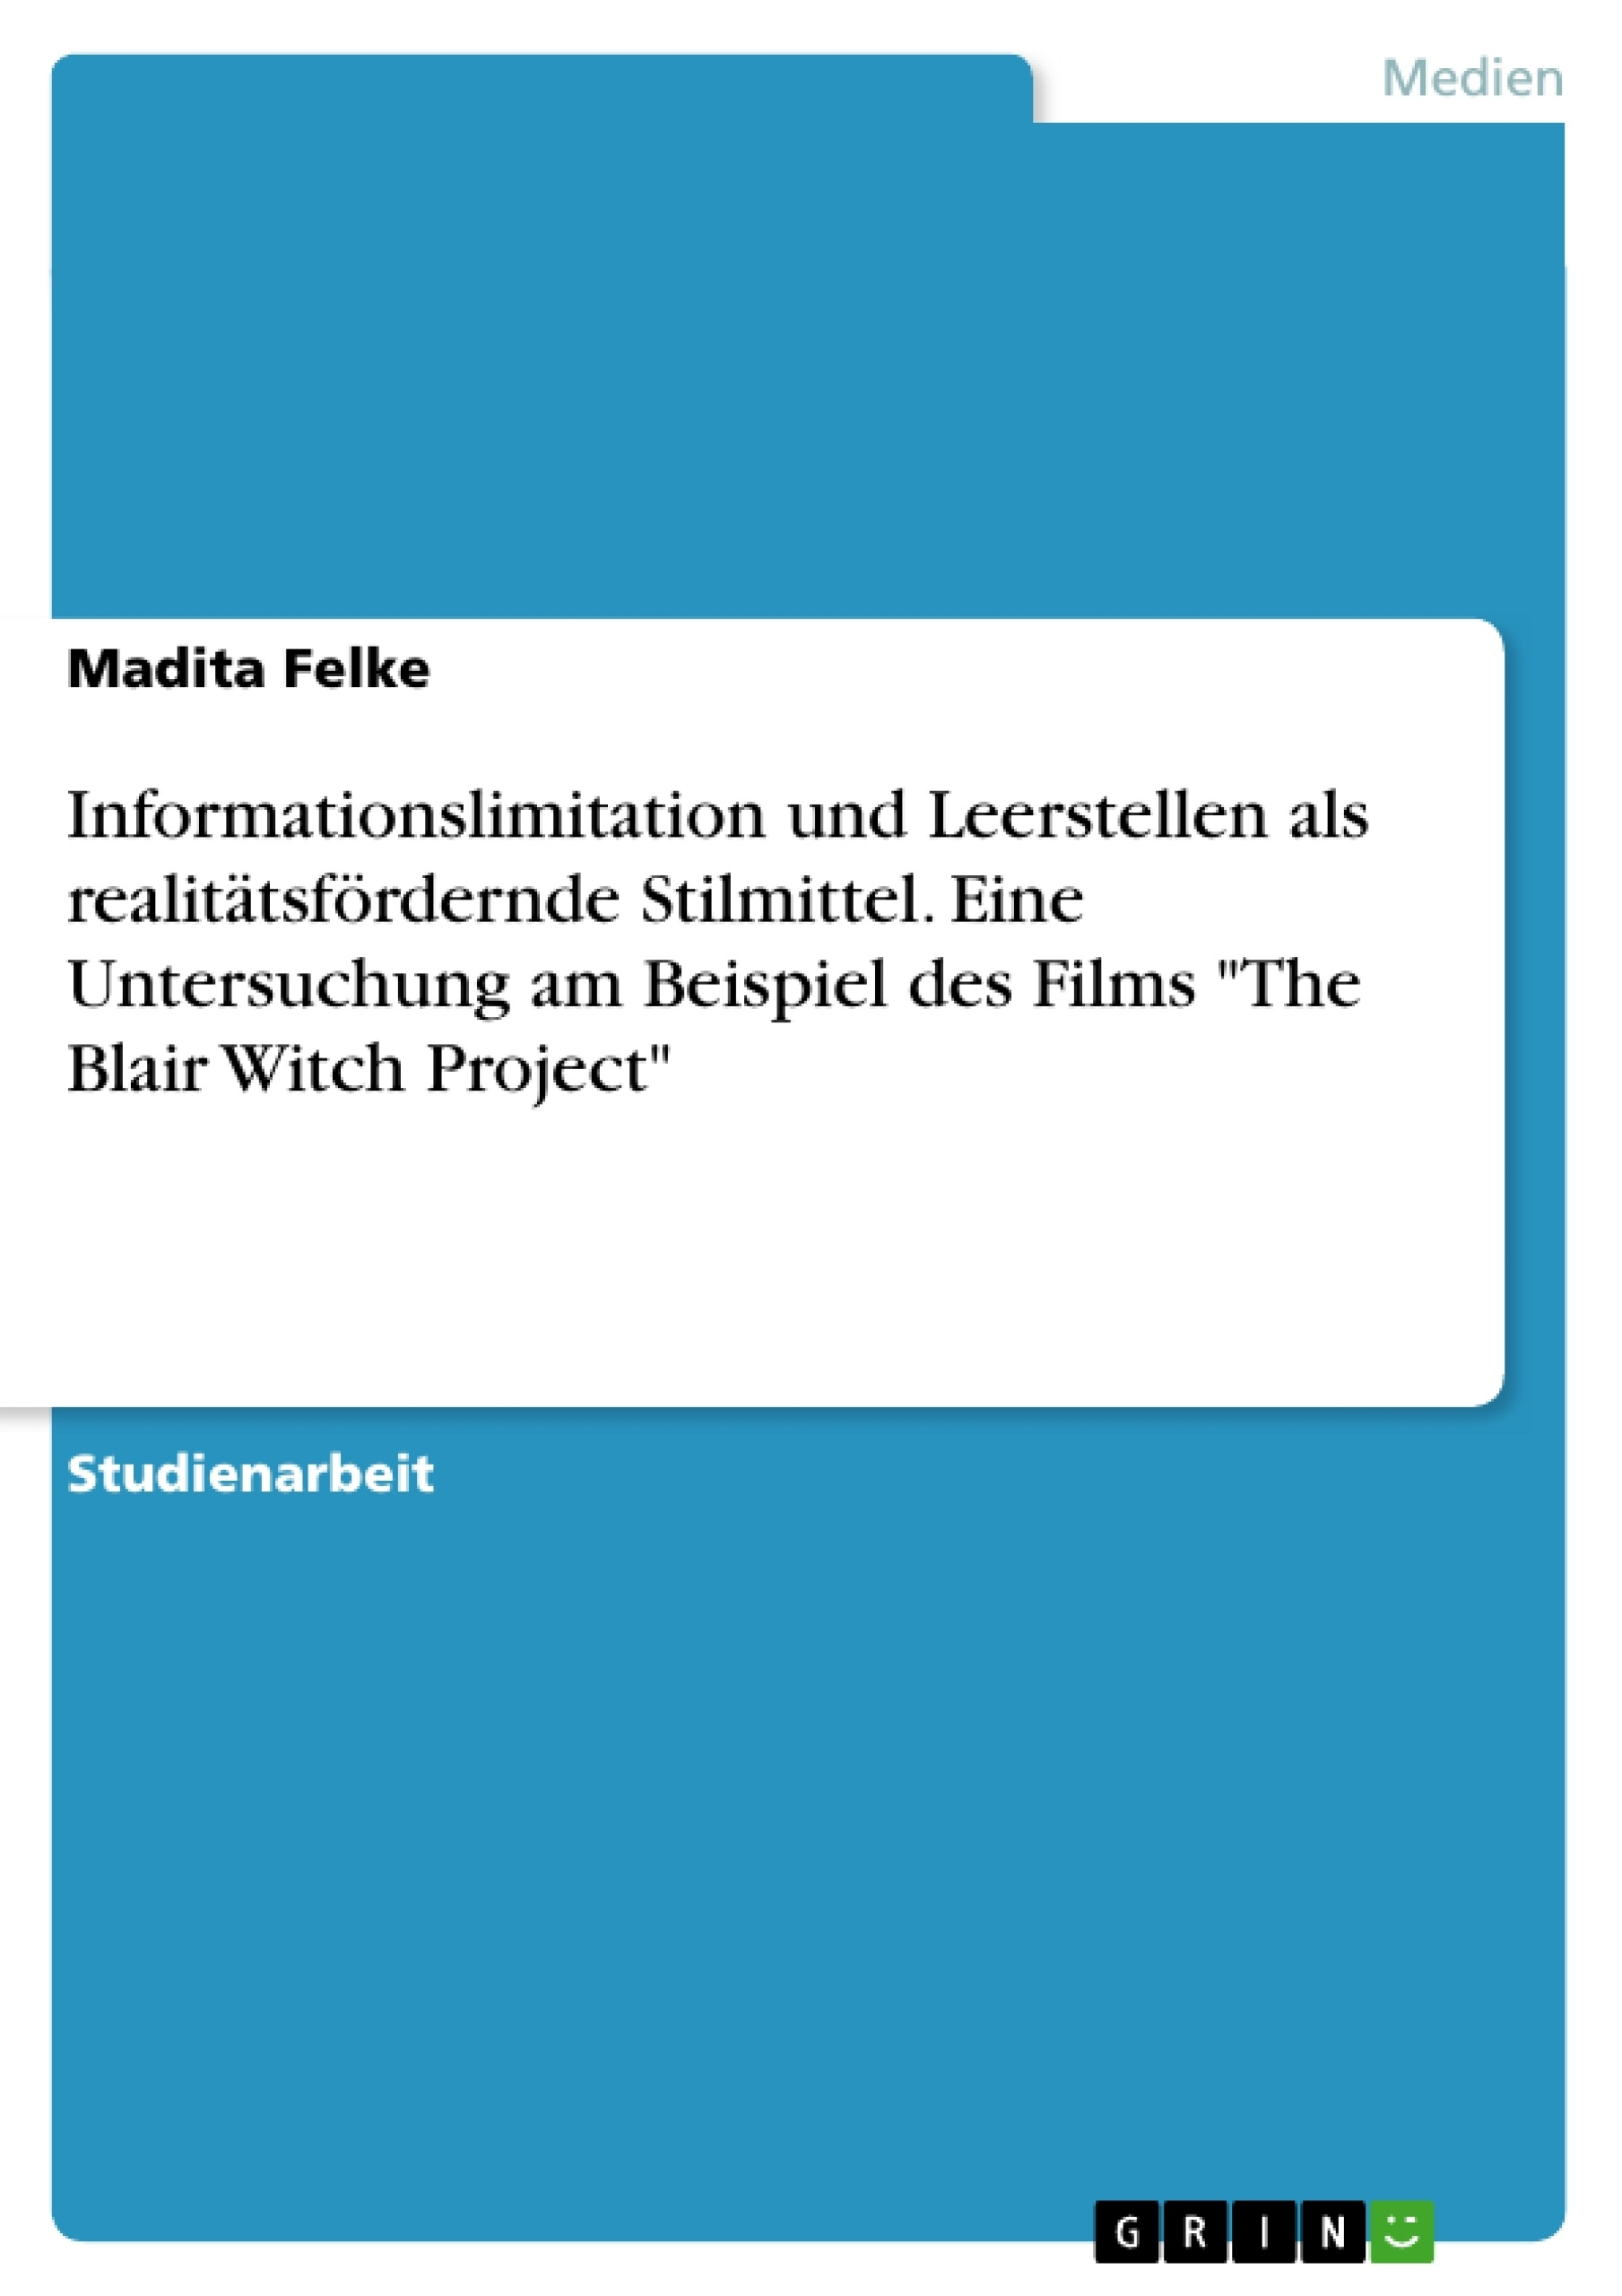 """Titel: Informationslimitation und Leerstellen als realitätsfördernde Stilmittel. Eine Untersuchung am Beispiel des Films """"The Blair Witch Project"""""""